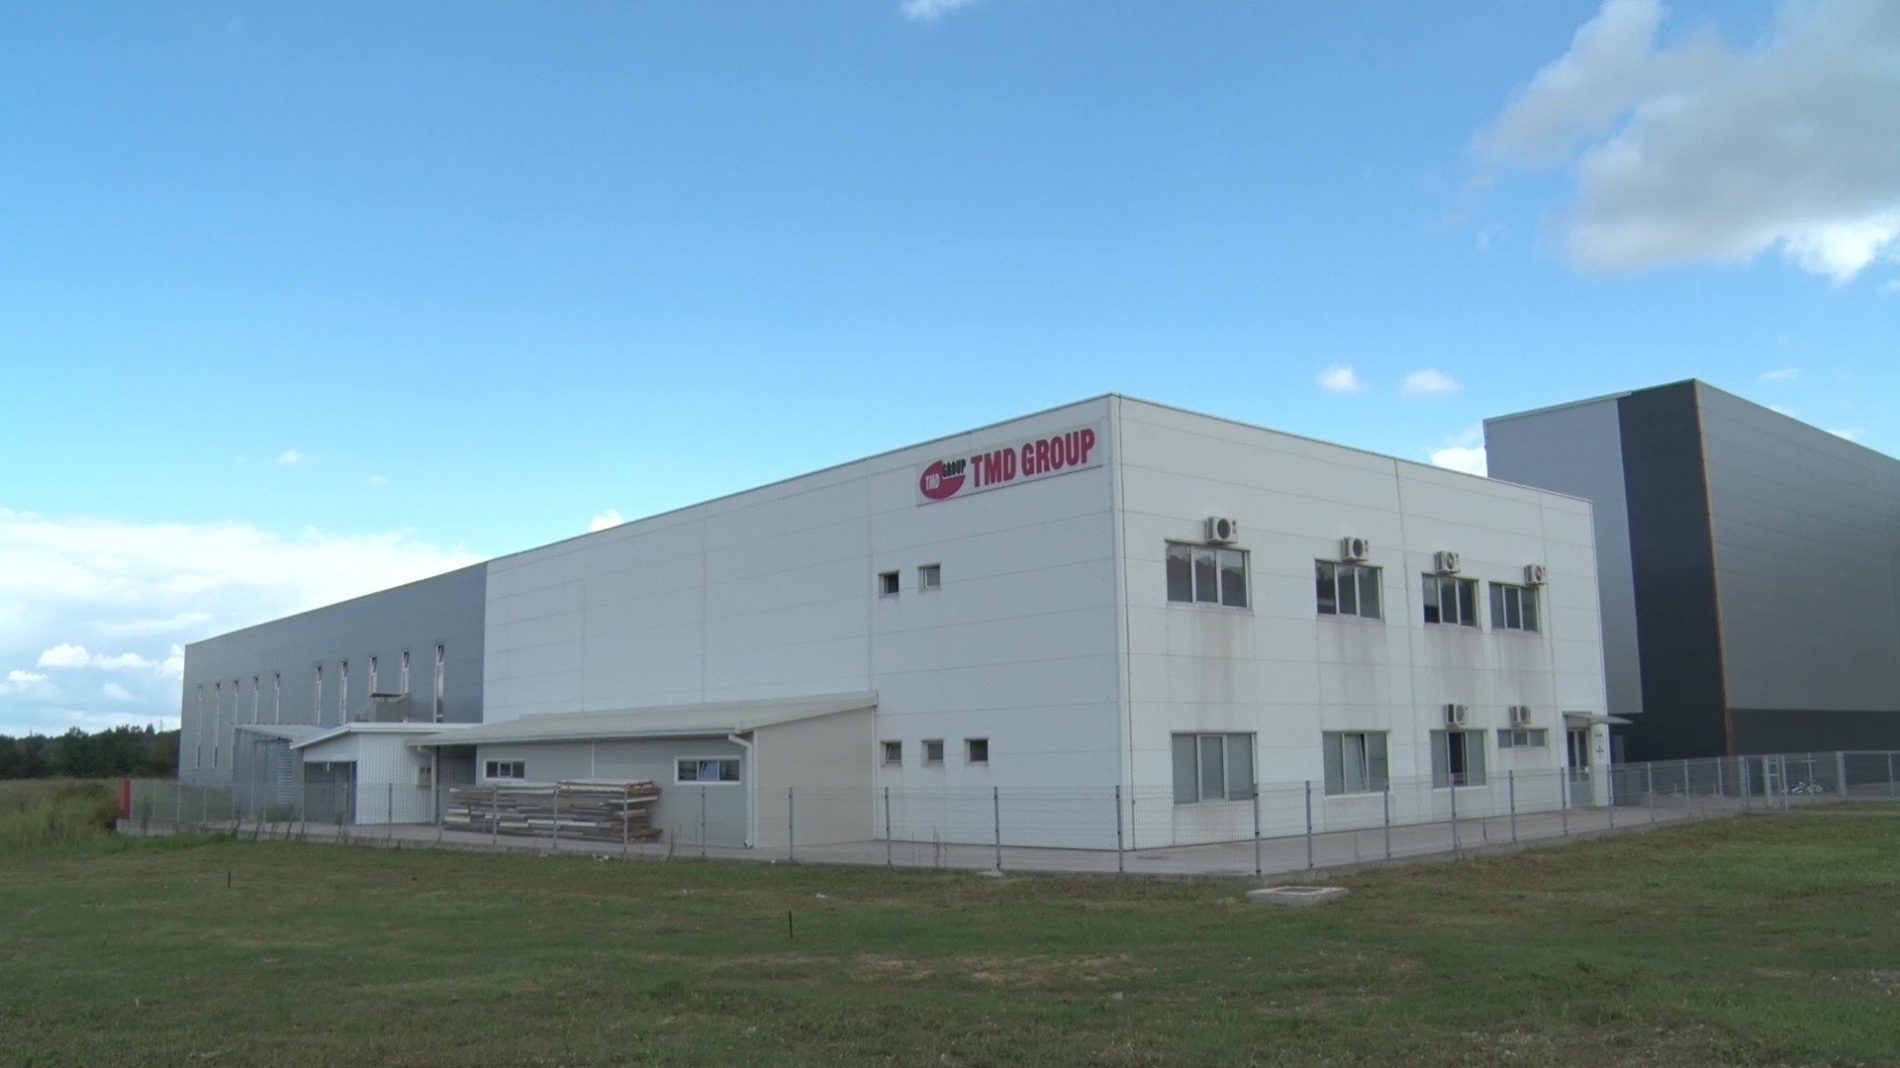 TMD Group: Gigant iz Gradačca koji sarađuje s vodećim brendovima auto-industrije i godišnje prihoduje preko 100 miliona maraka